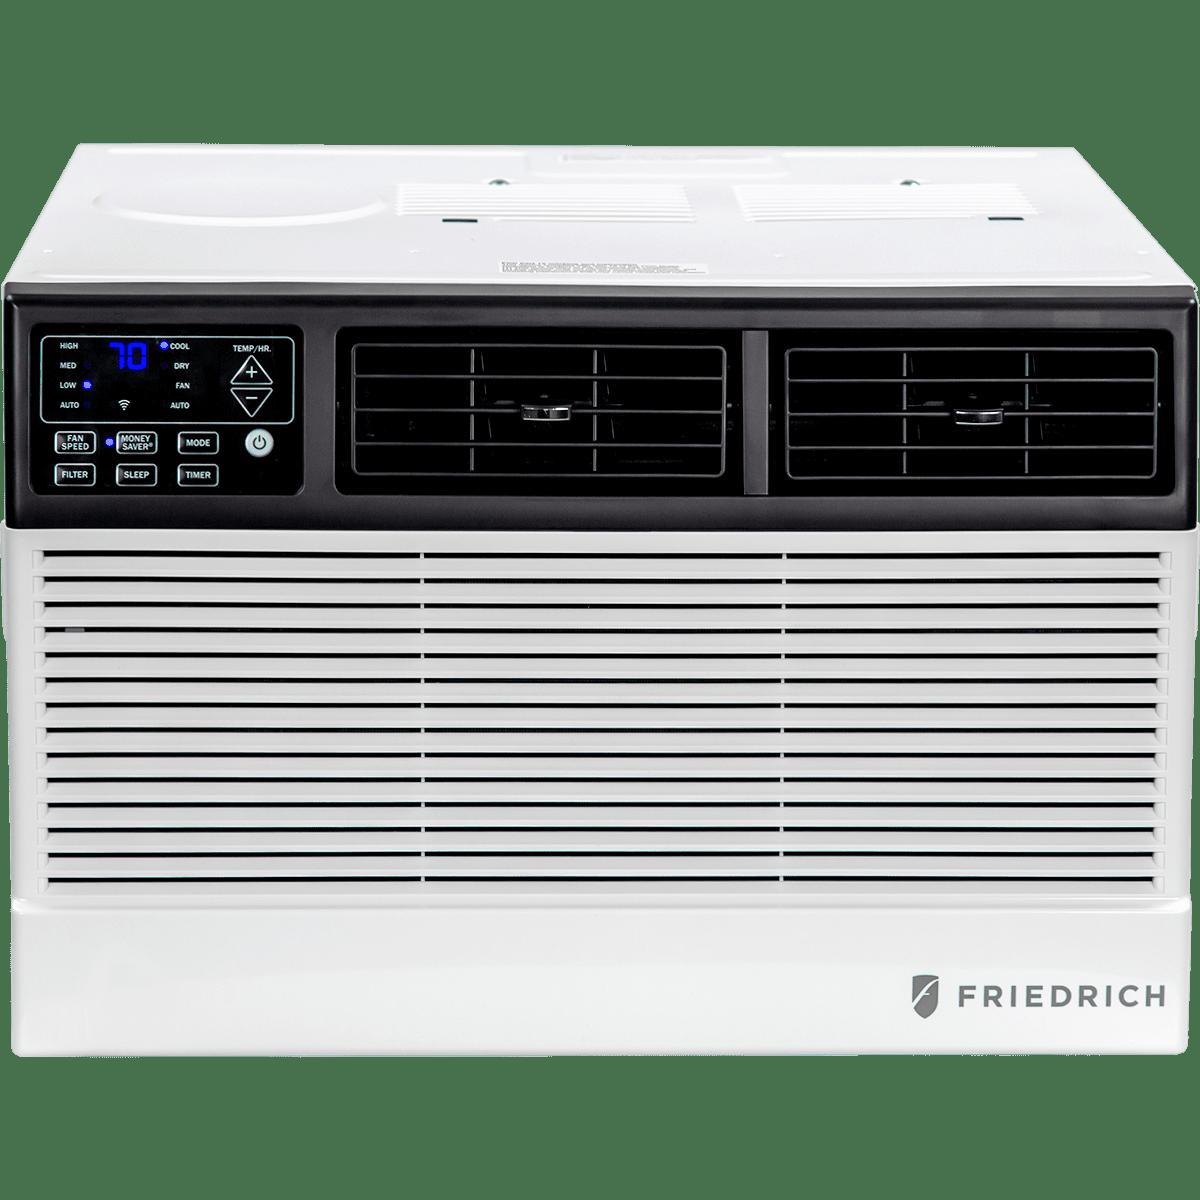 Friedrich Chill Premier 5 000 Btu Window Air Conditioner